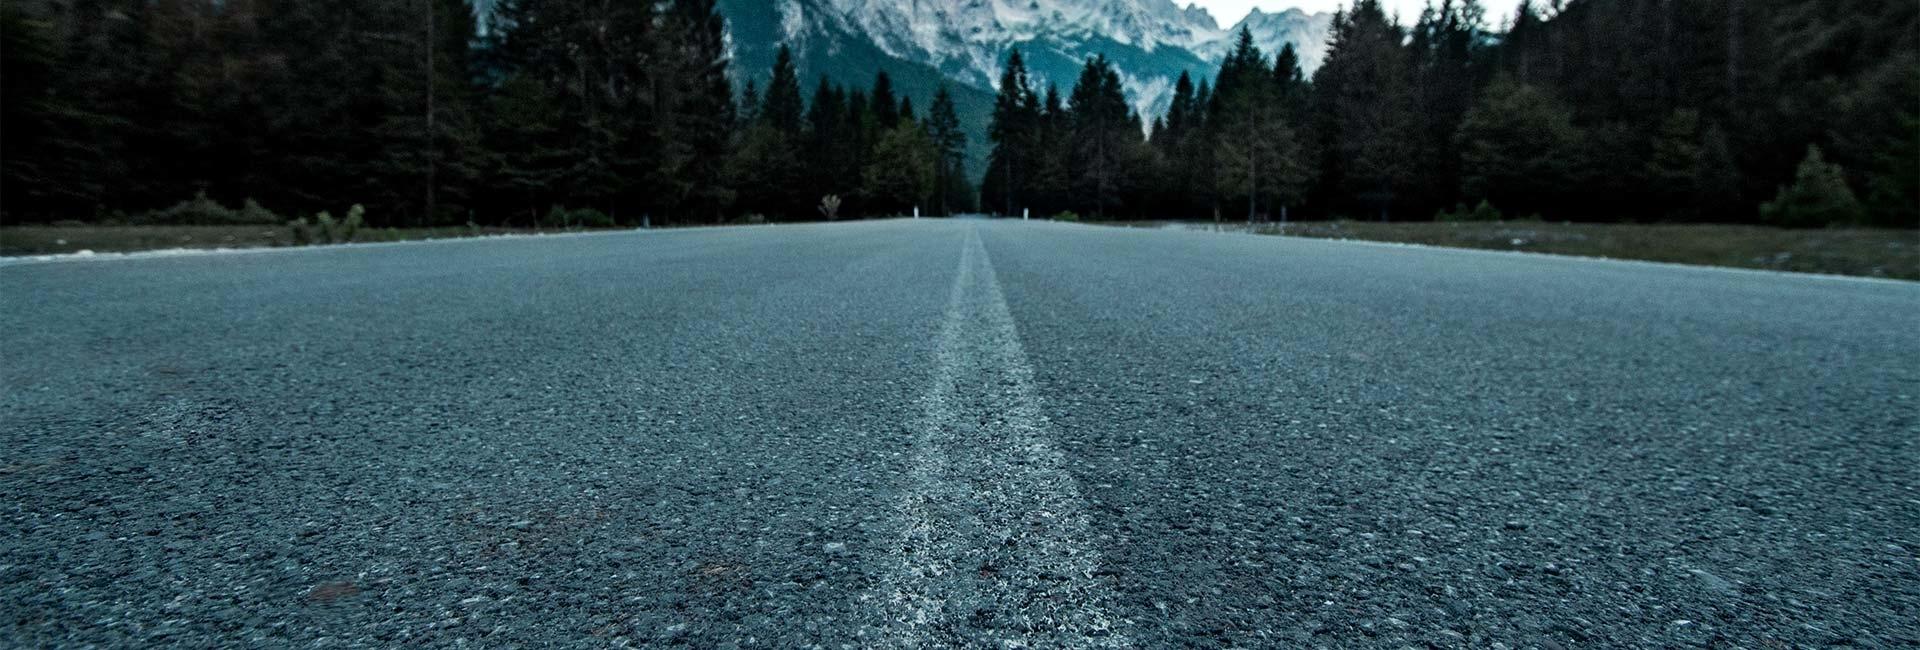 te-velde-coaching-weg-berg